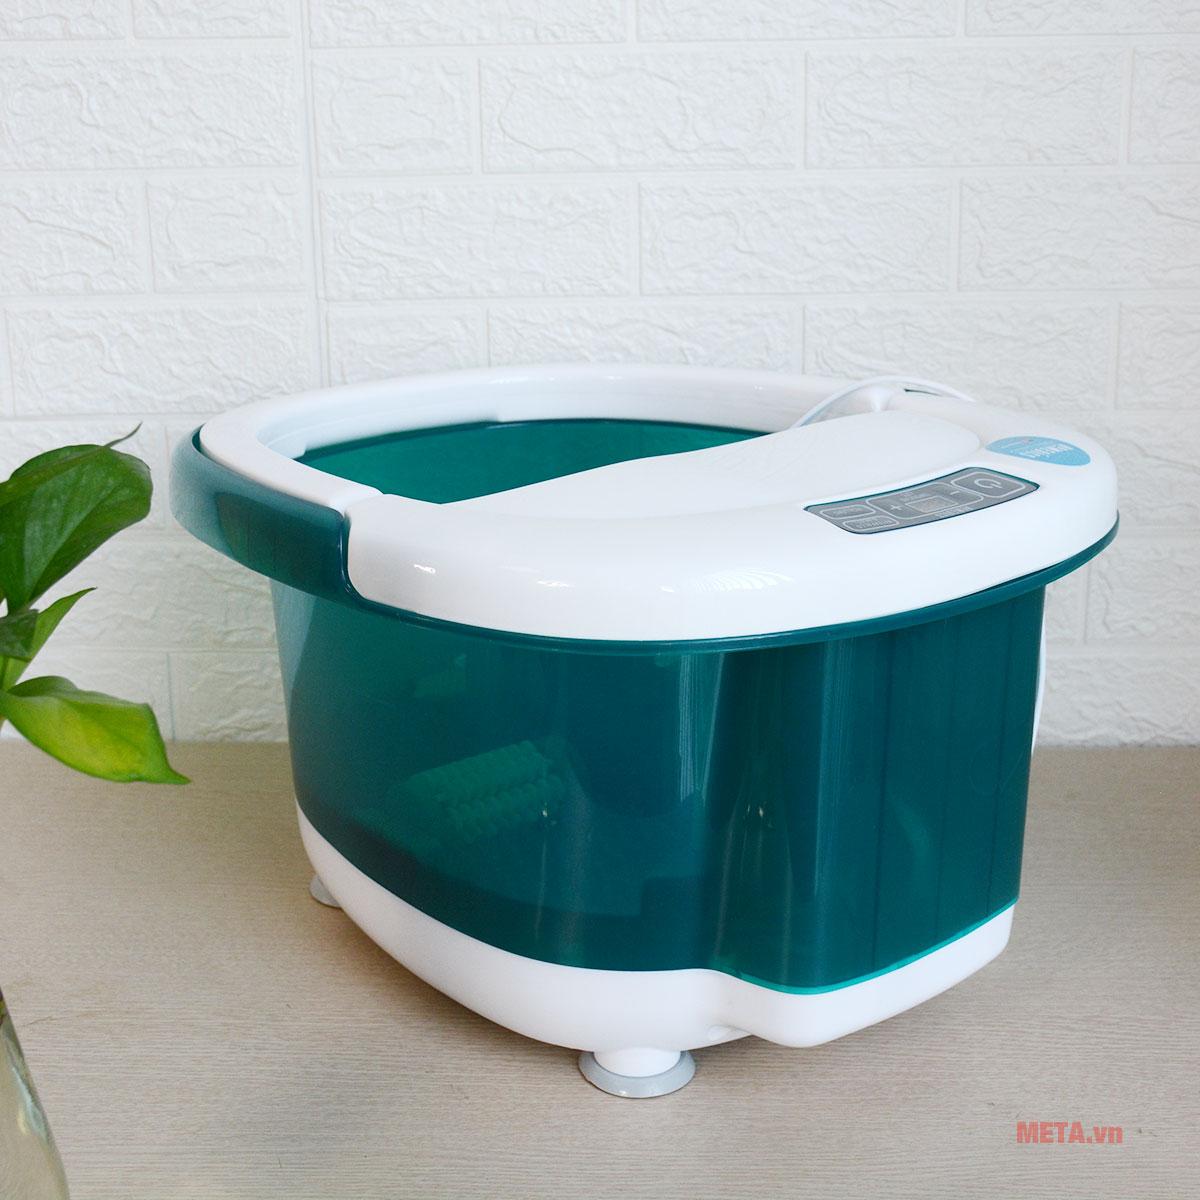 Bồn massage chân cao cấp HoMedics FB-650 thiết kế sang trọng